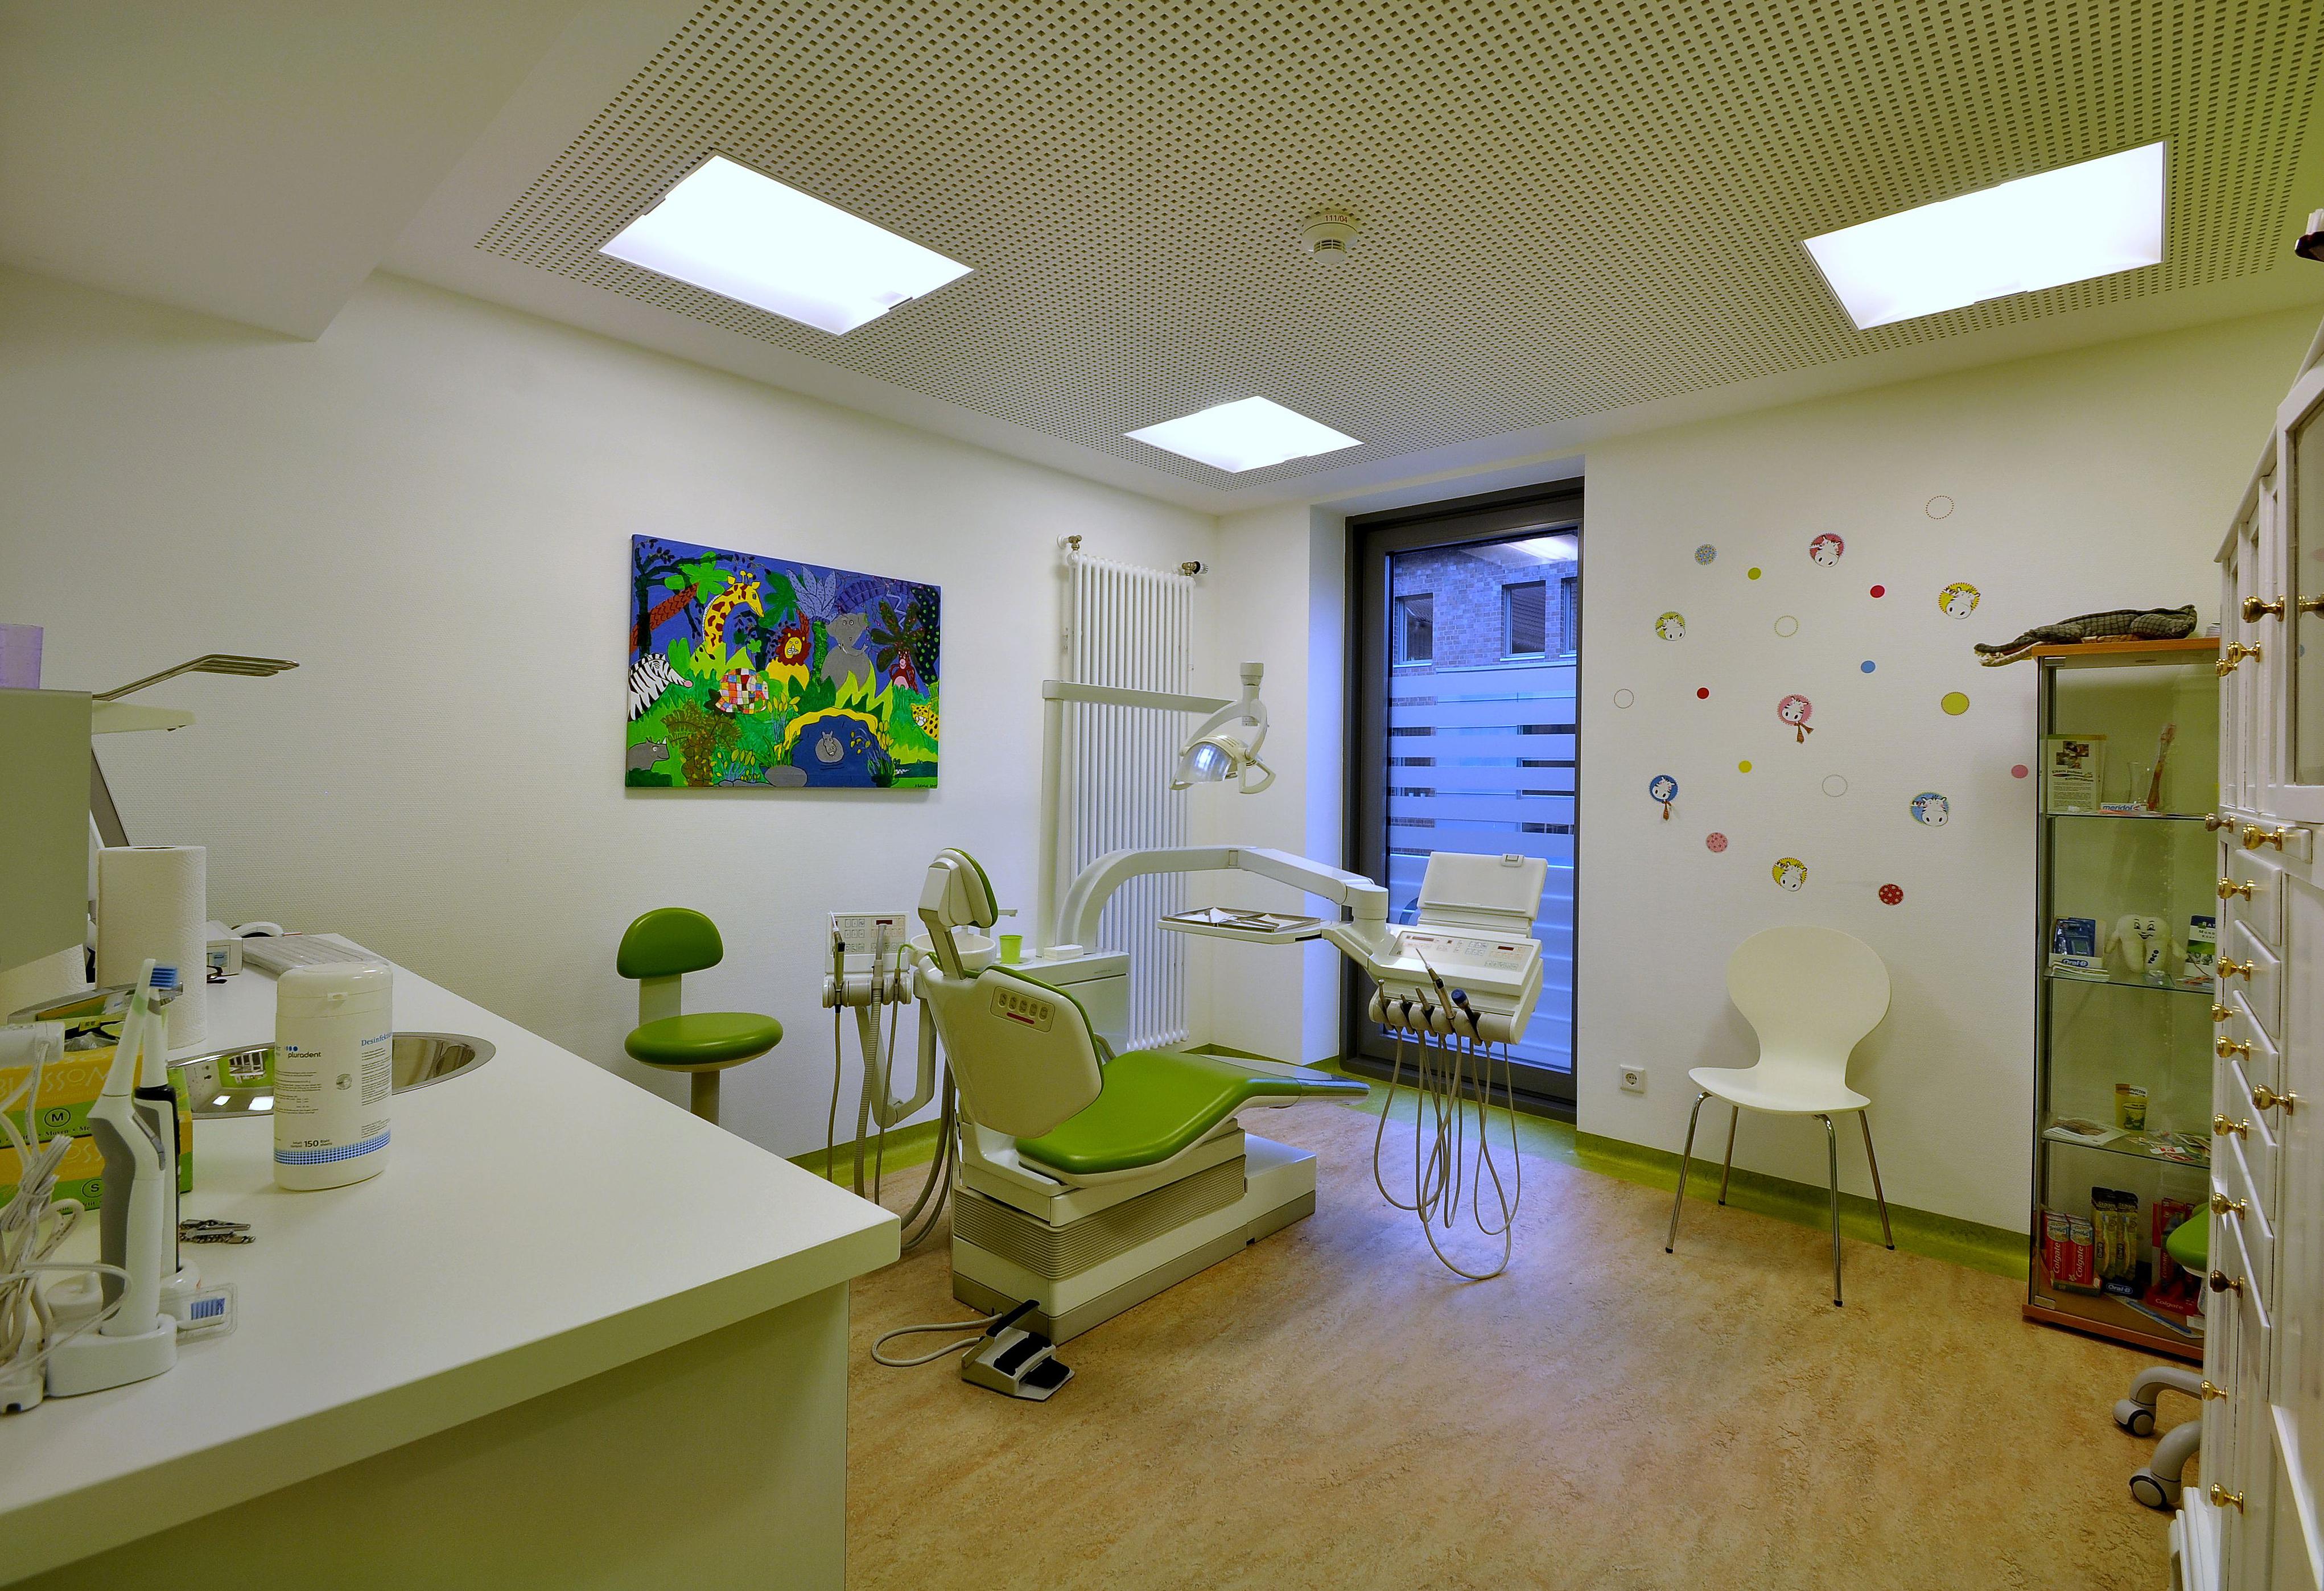 Zahnarzt Dr. Diete Praxis Prophylaxeraum